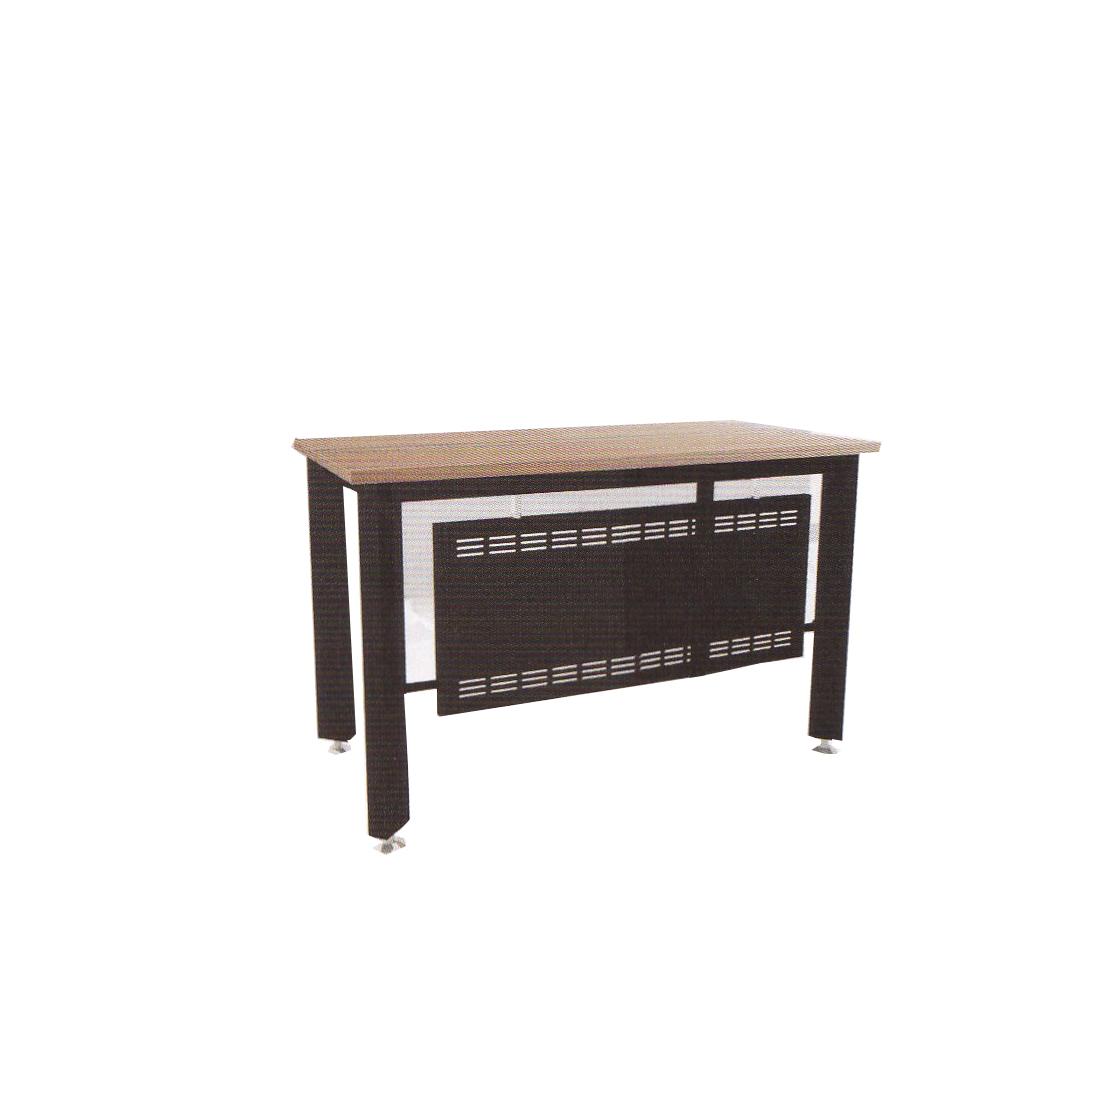 โต๊ะทำงานโล่ง 1.50 ม. BDK-P1560